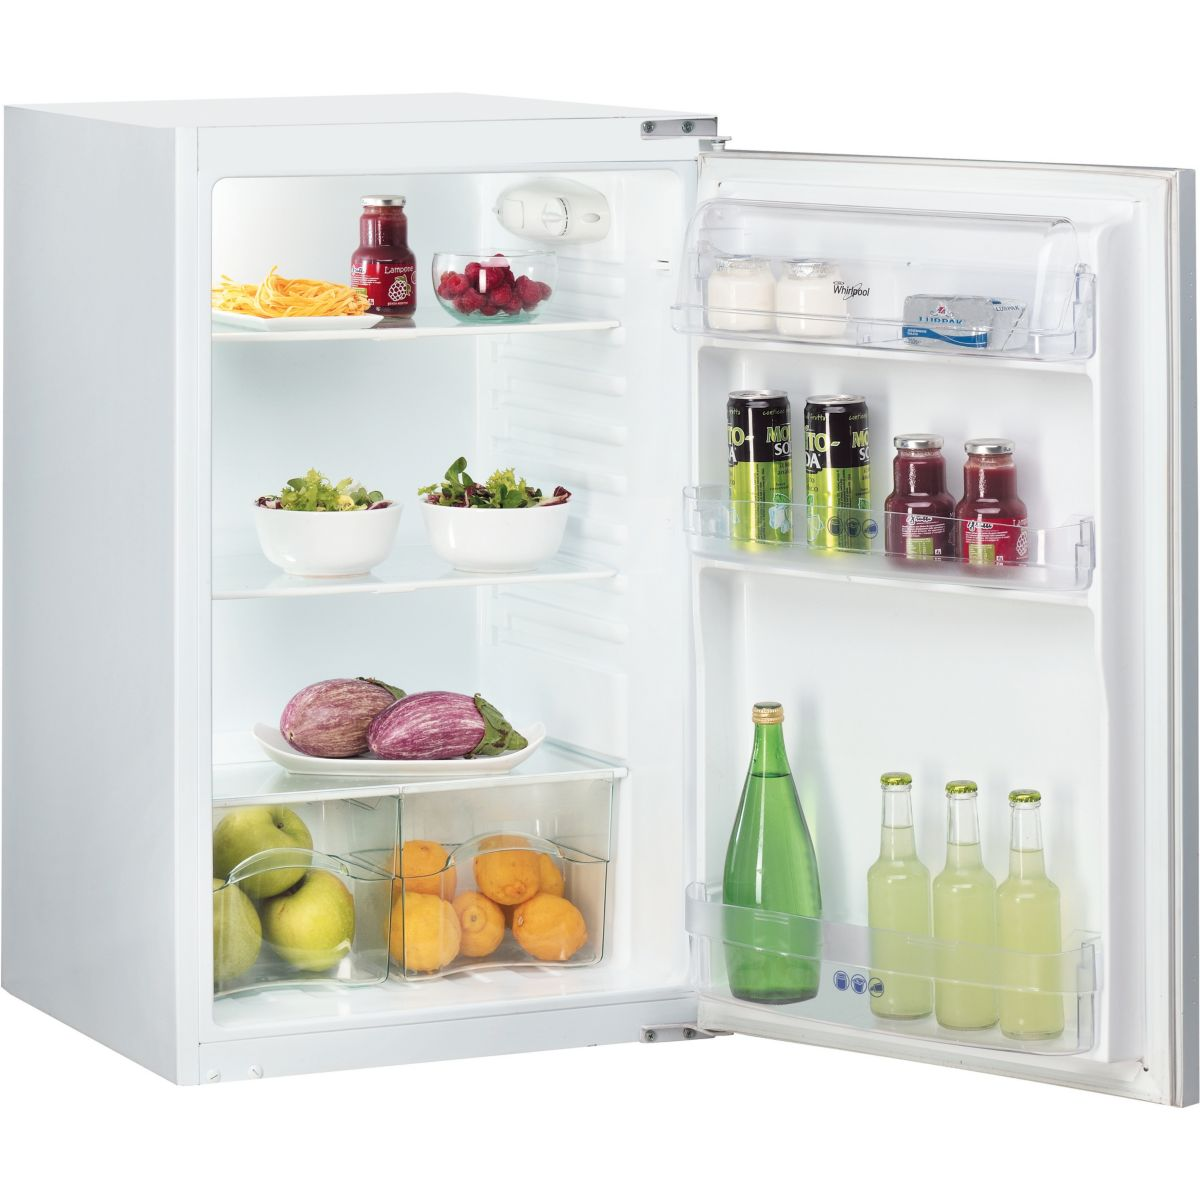 Réfrigérateur encastrable WHIRLPOOL ARG451/A+